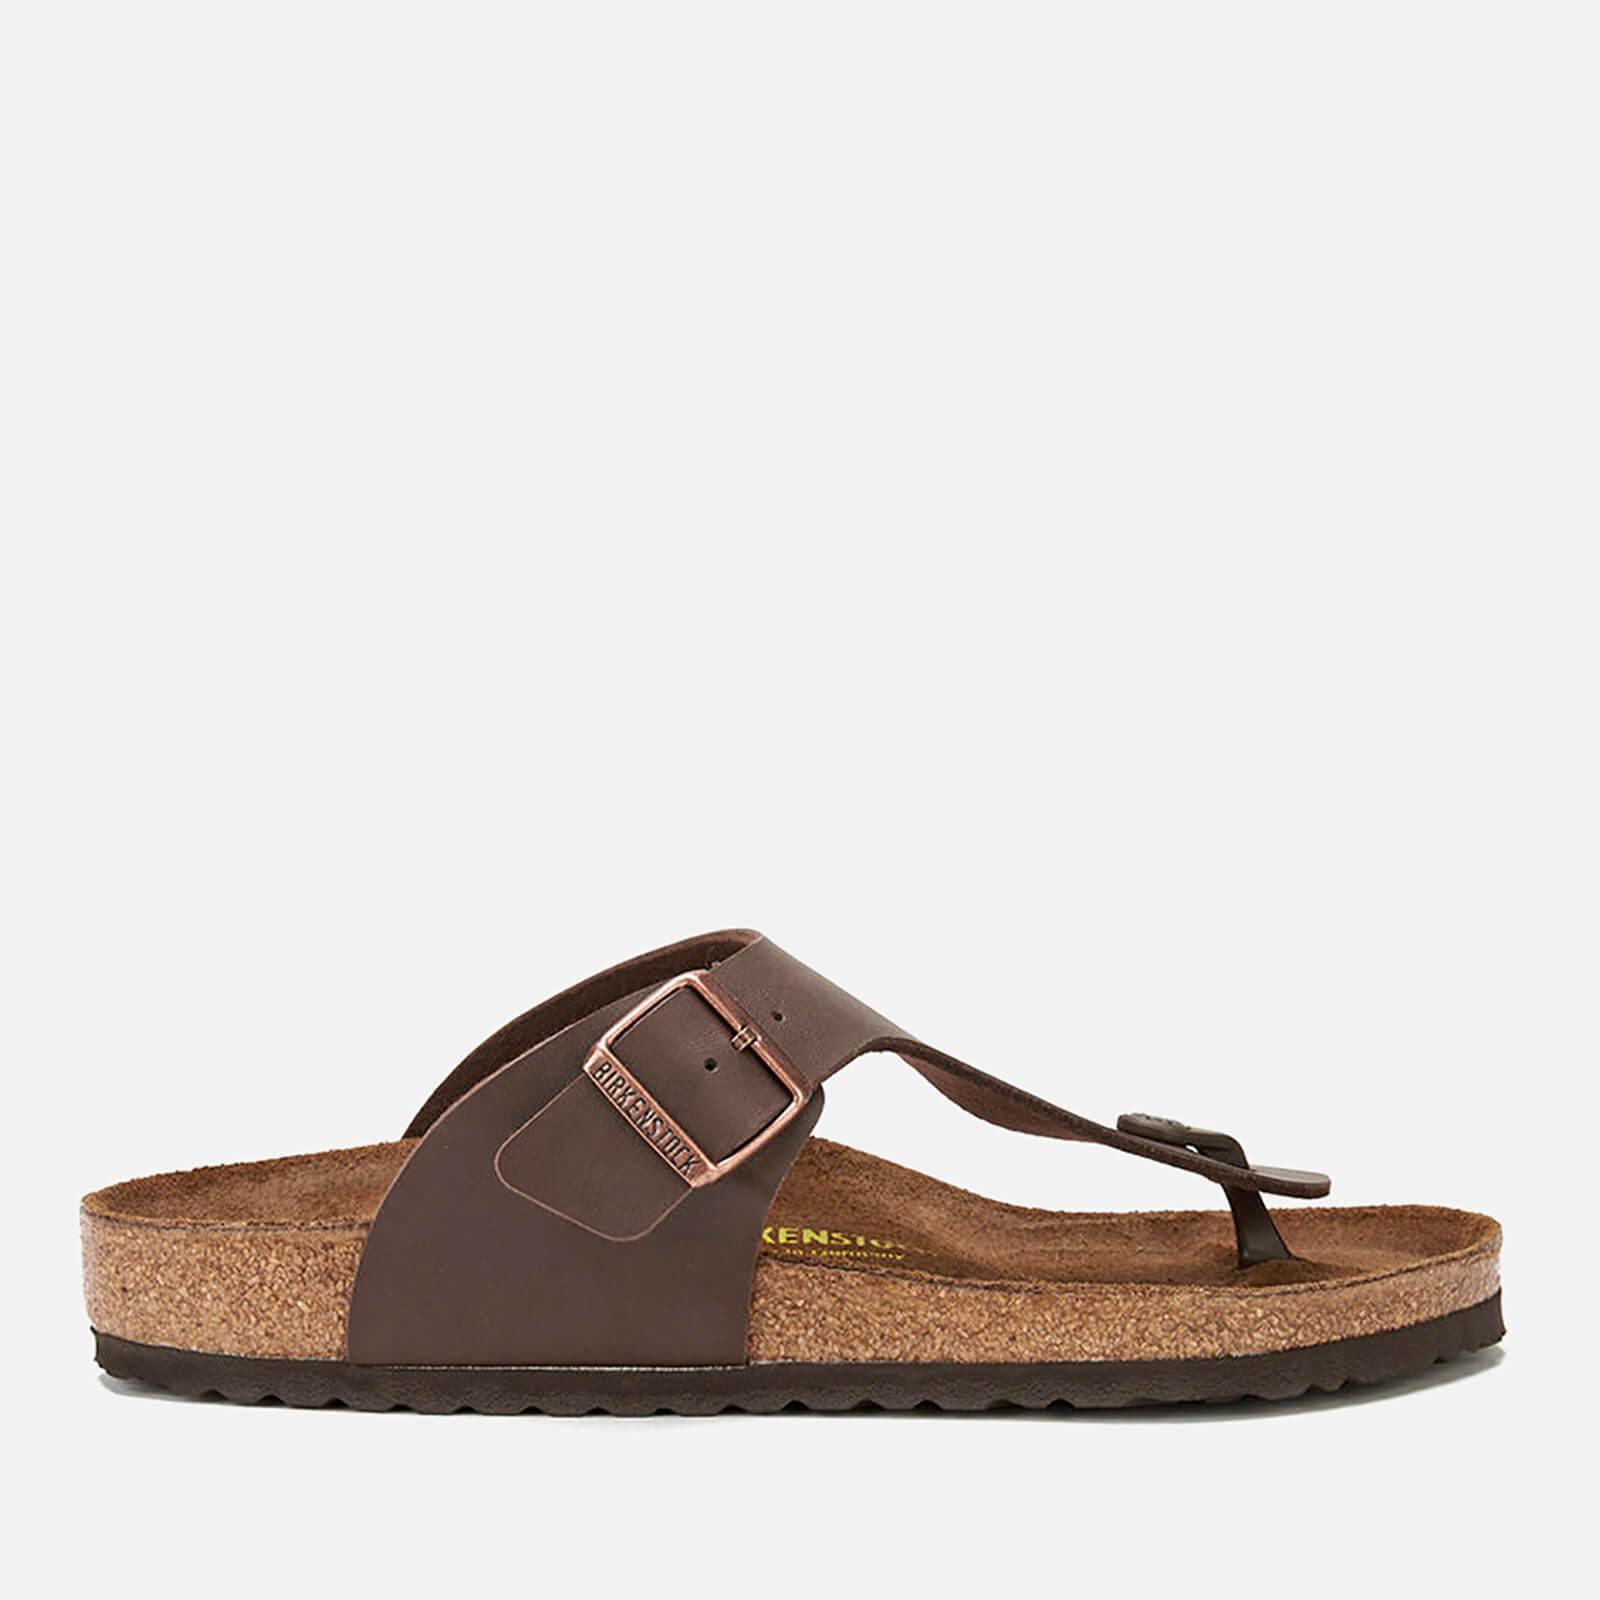 Birkenstock Men's Ramses Toe Post Sandals - Dark Brown - EU 41/UK 7.5